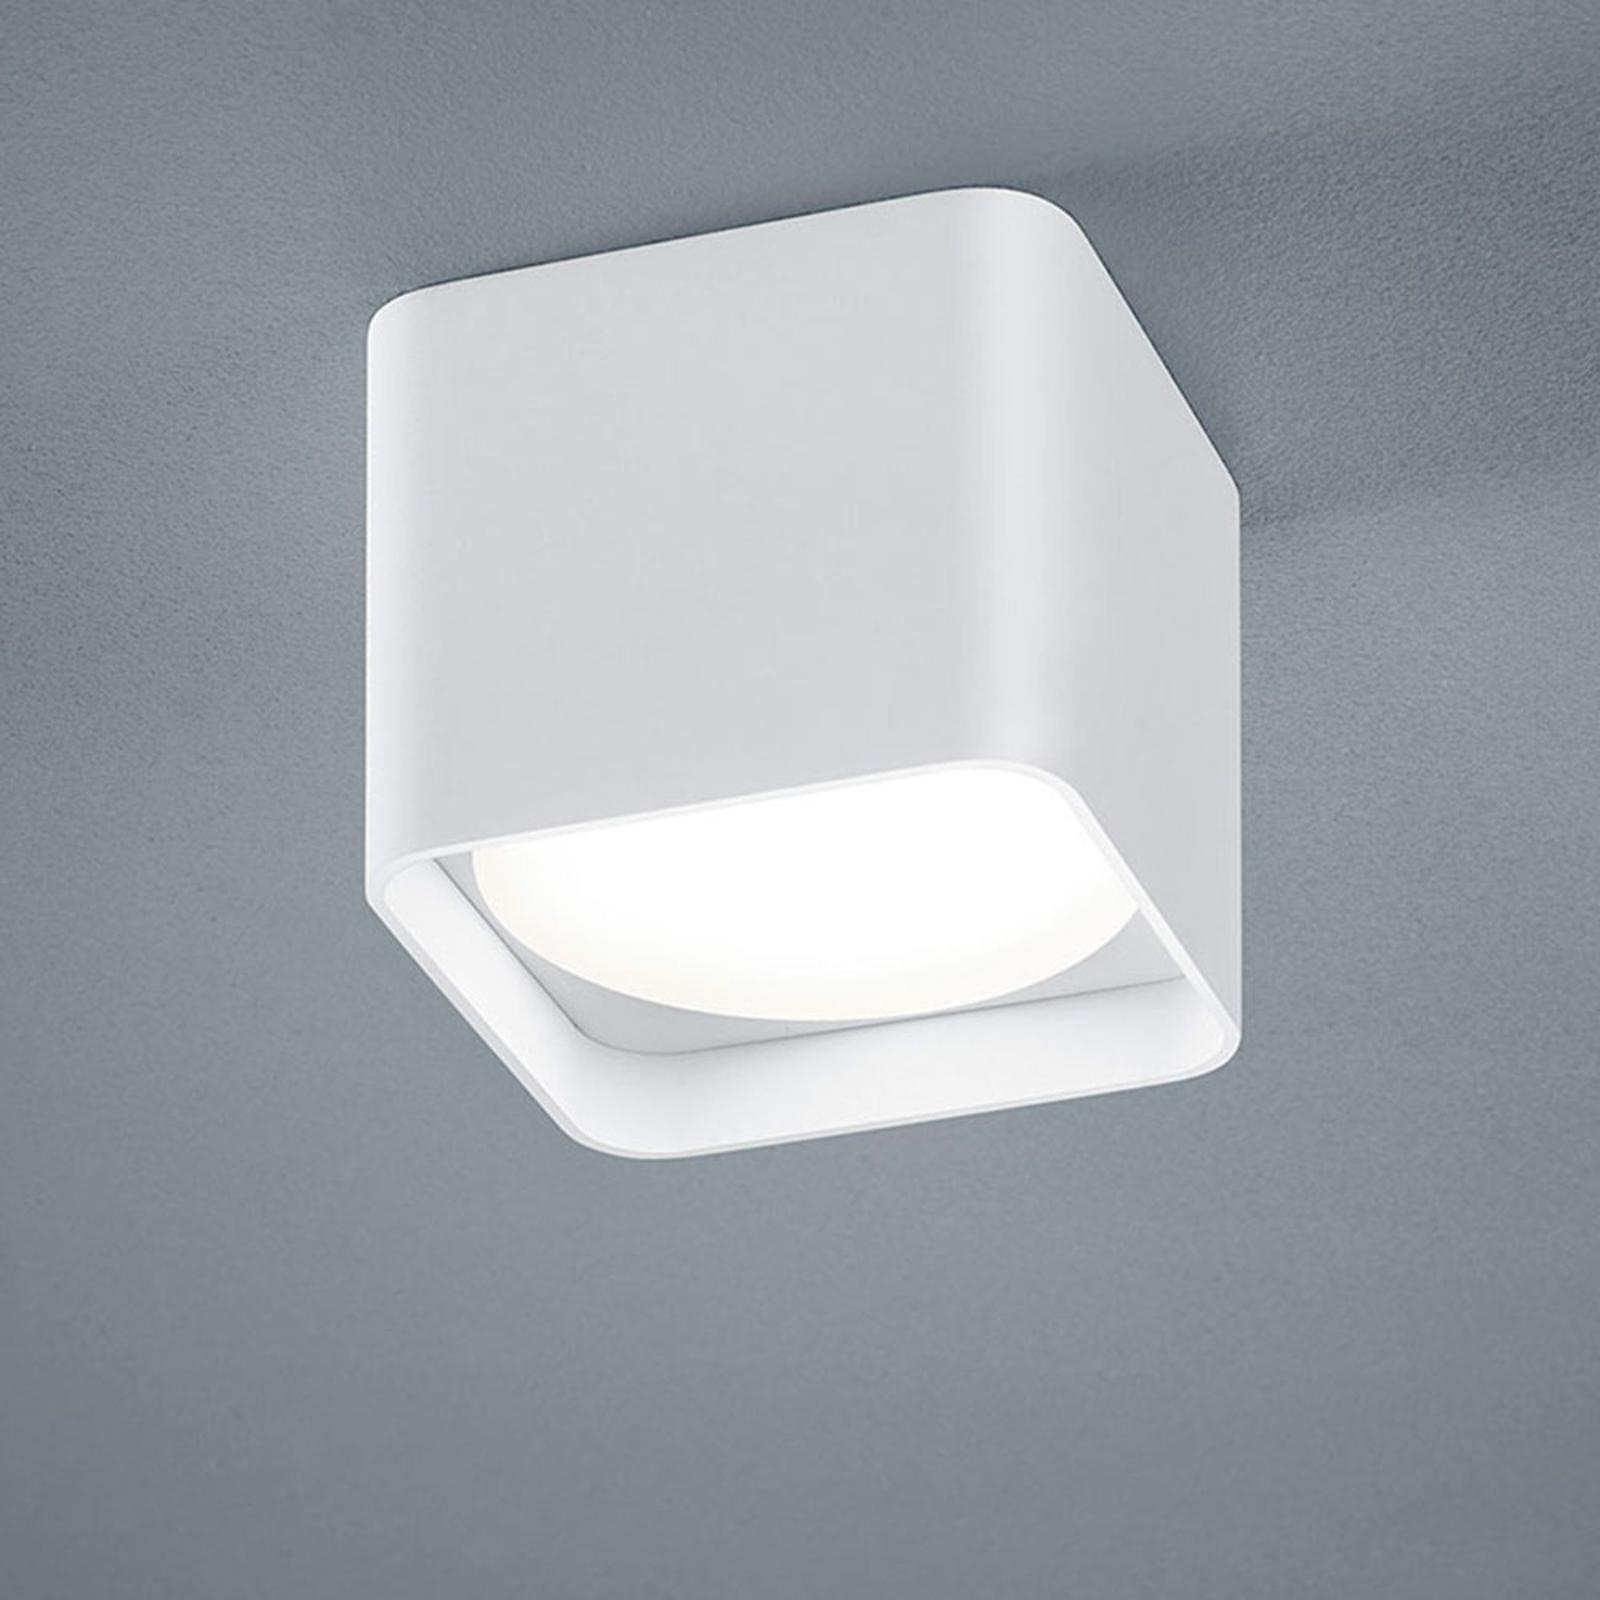 Helestra Dora lampa sufitowa LED, kątowa, biała